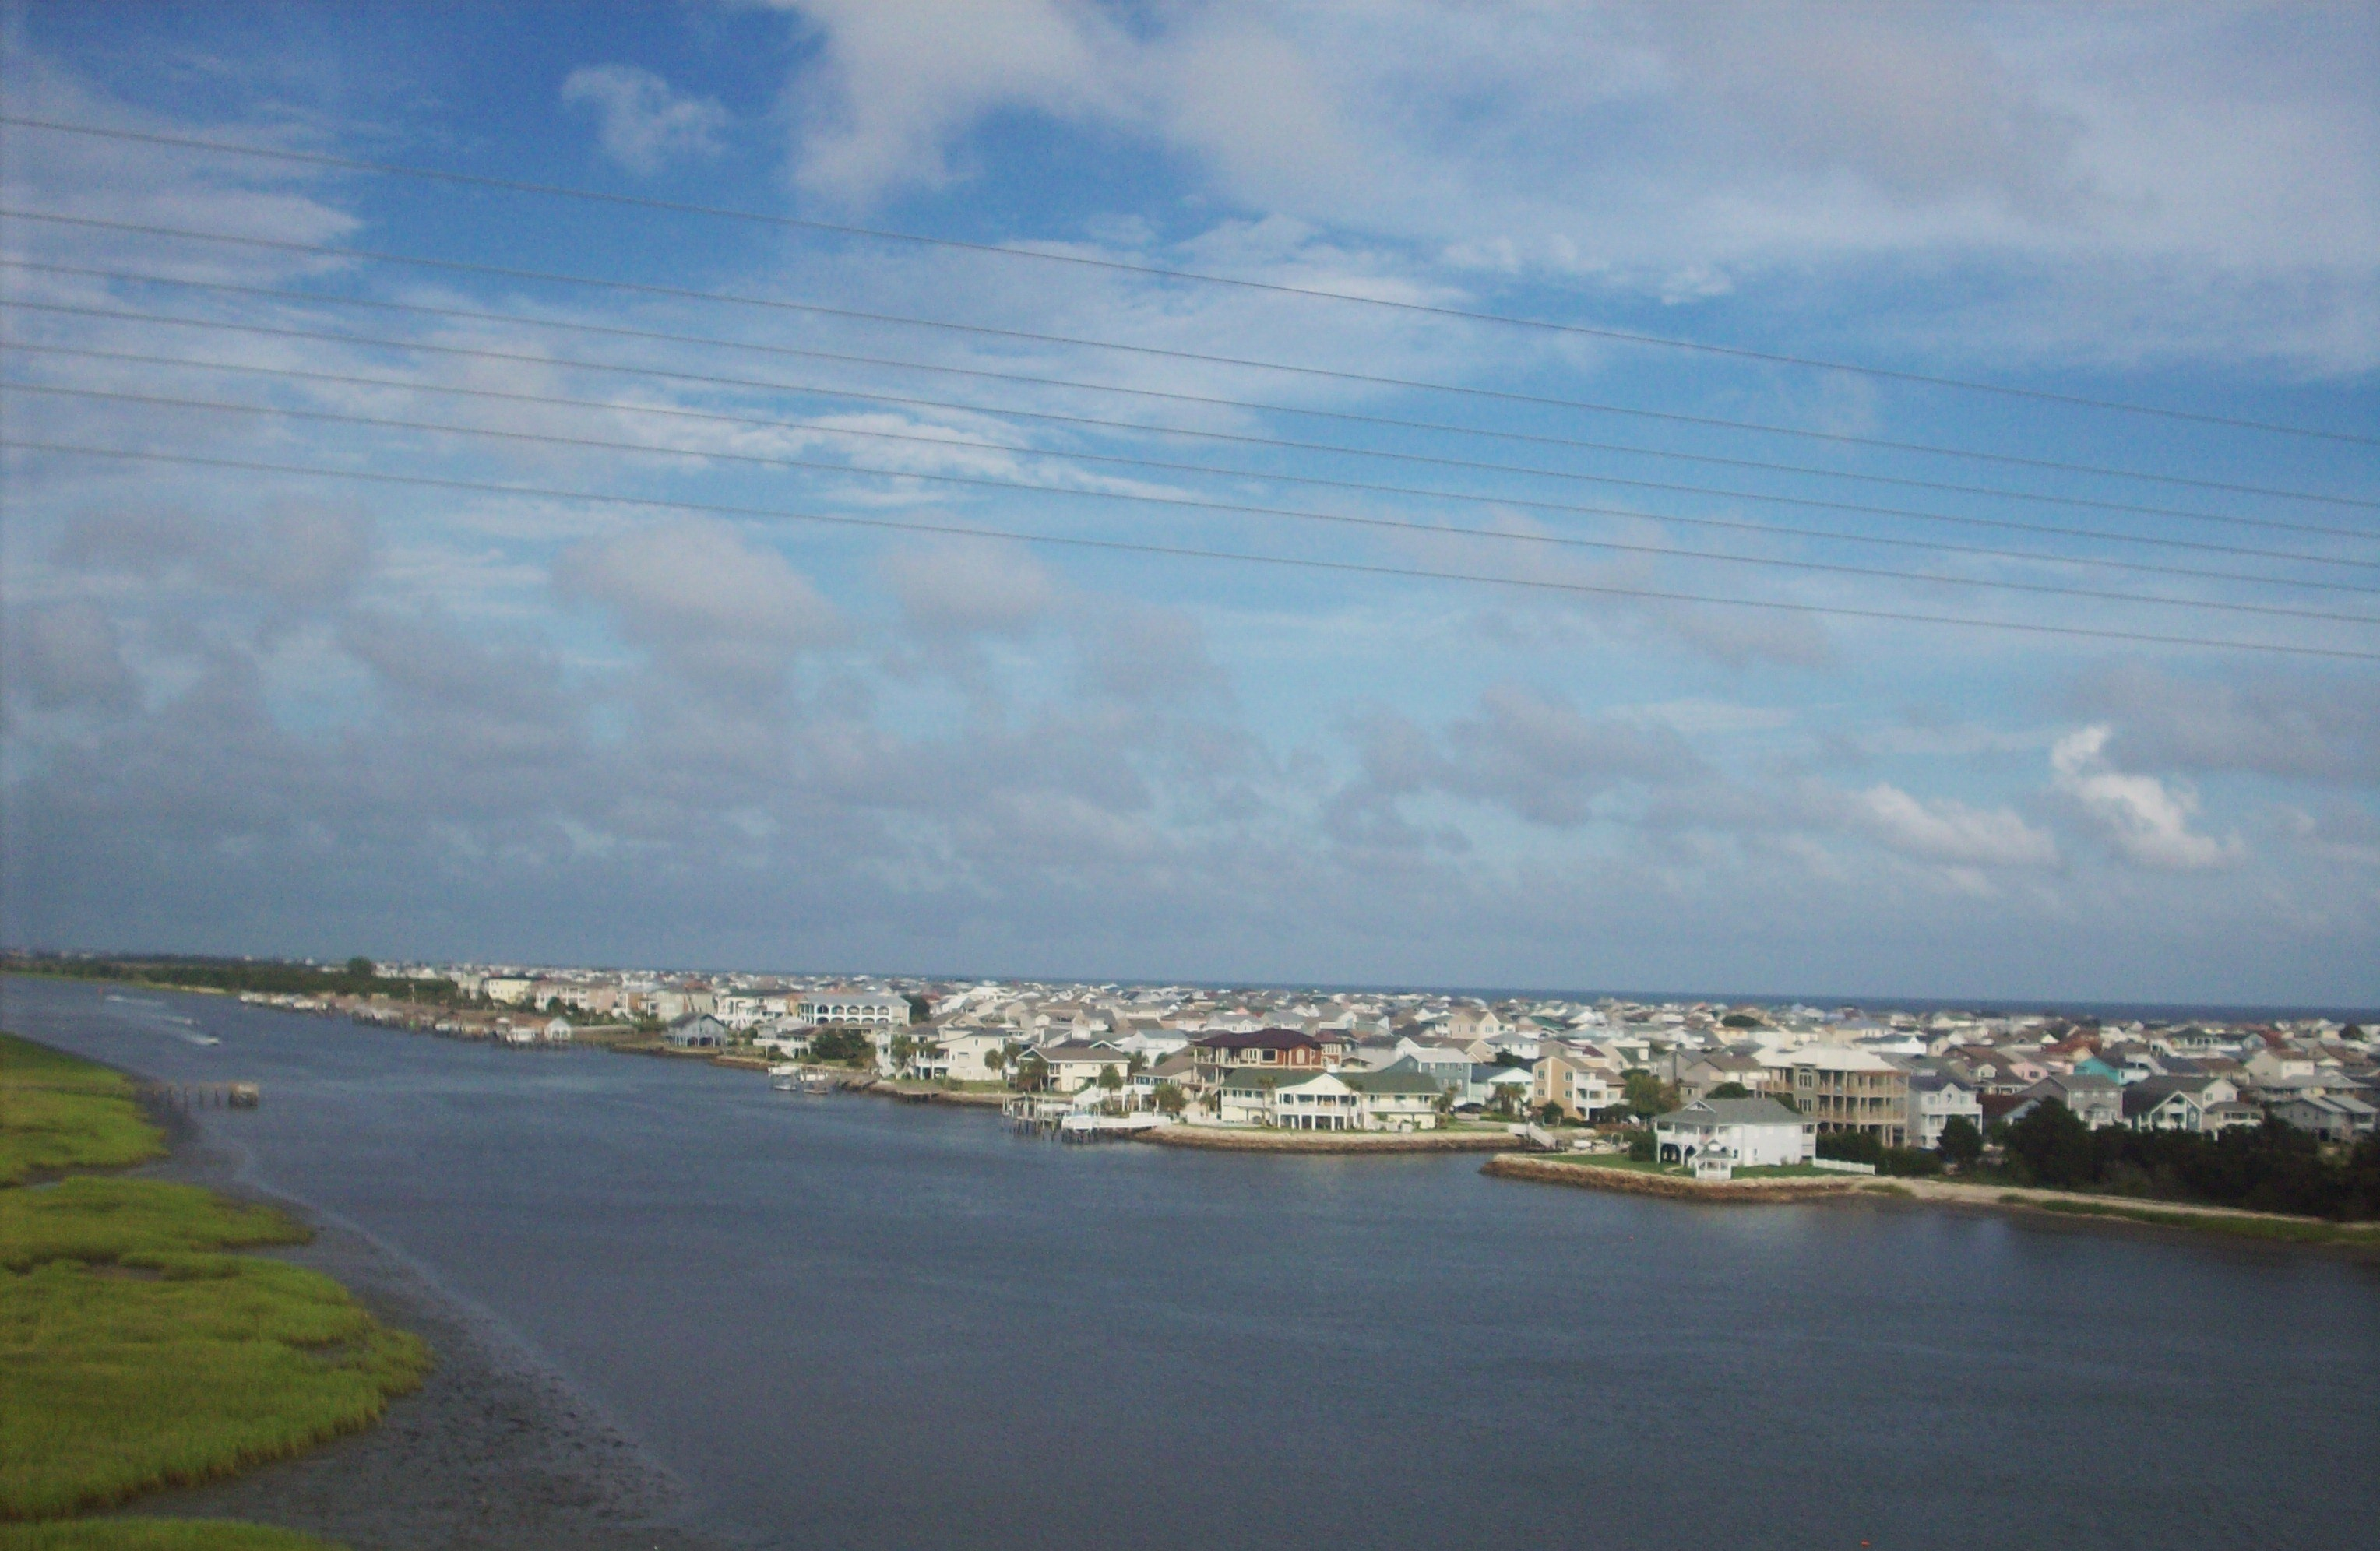 Ocean Isle Beach Occupancy Tax Revenue